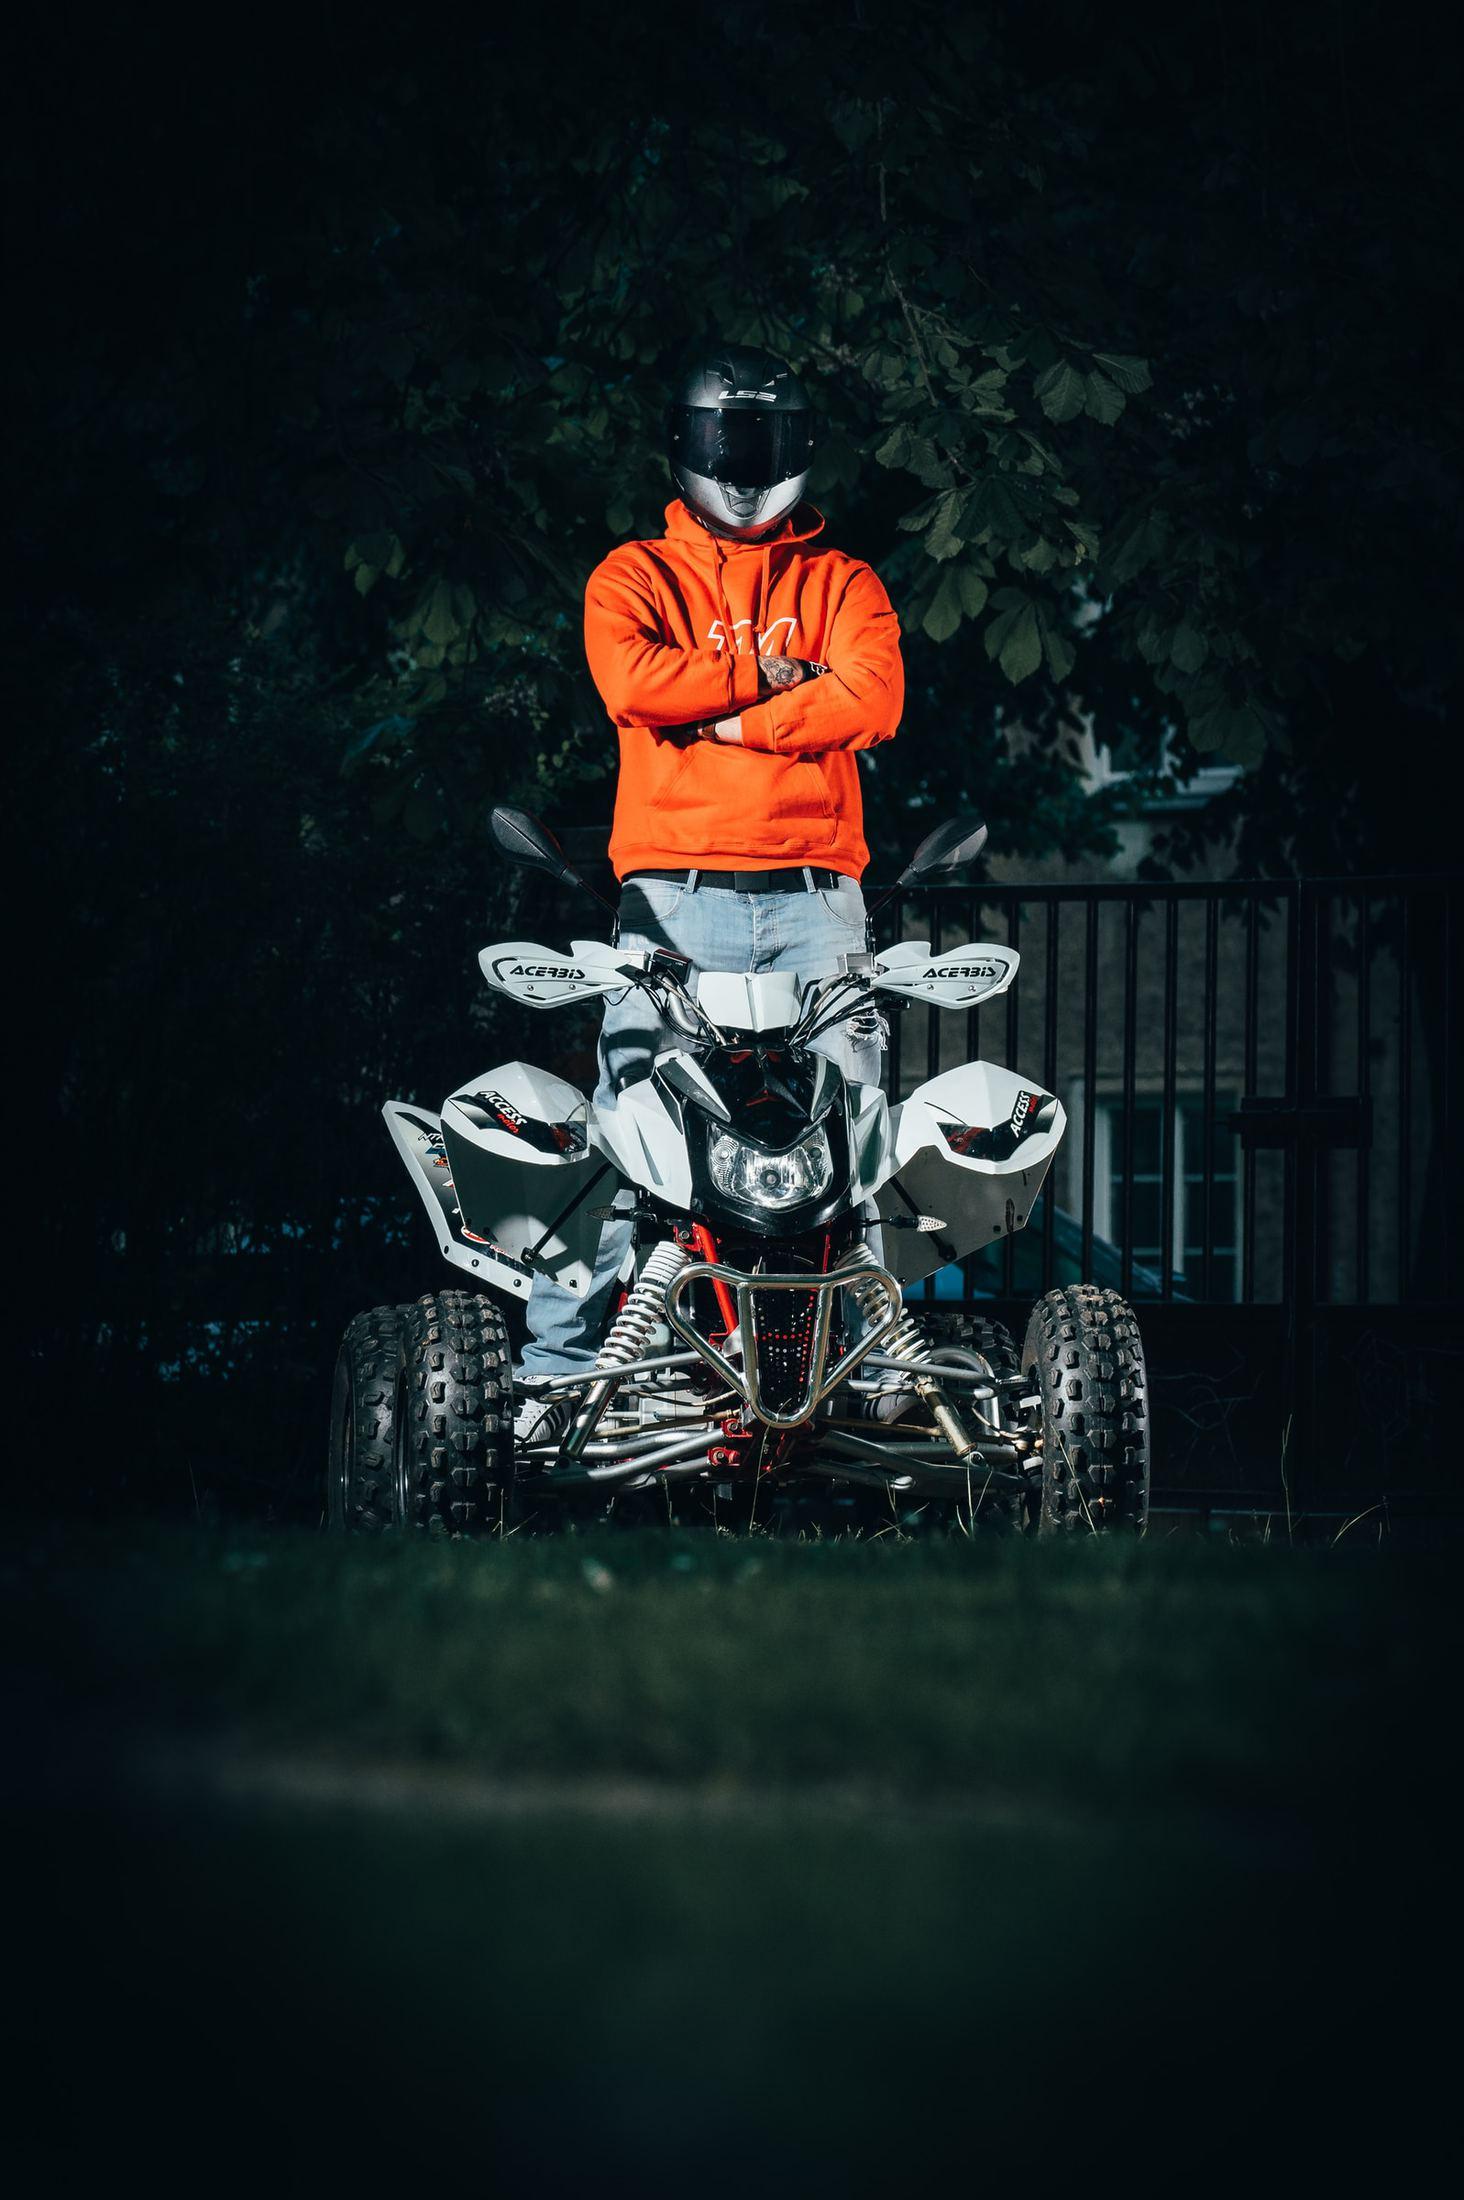 man in orange jacket riding white and black motorcycle